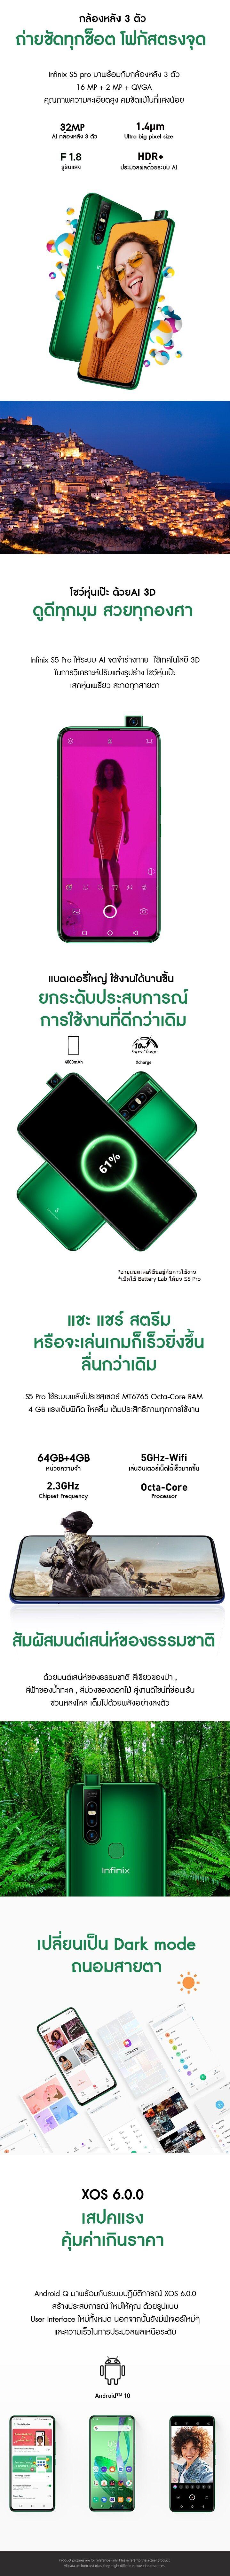 b2b8342496cf8c4f08710ac15a76cdb2.jpg